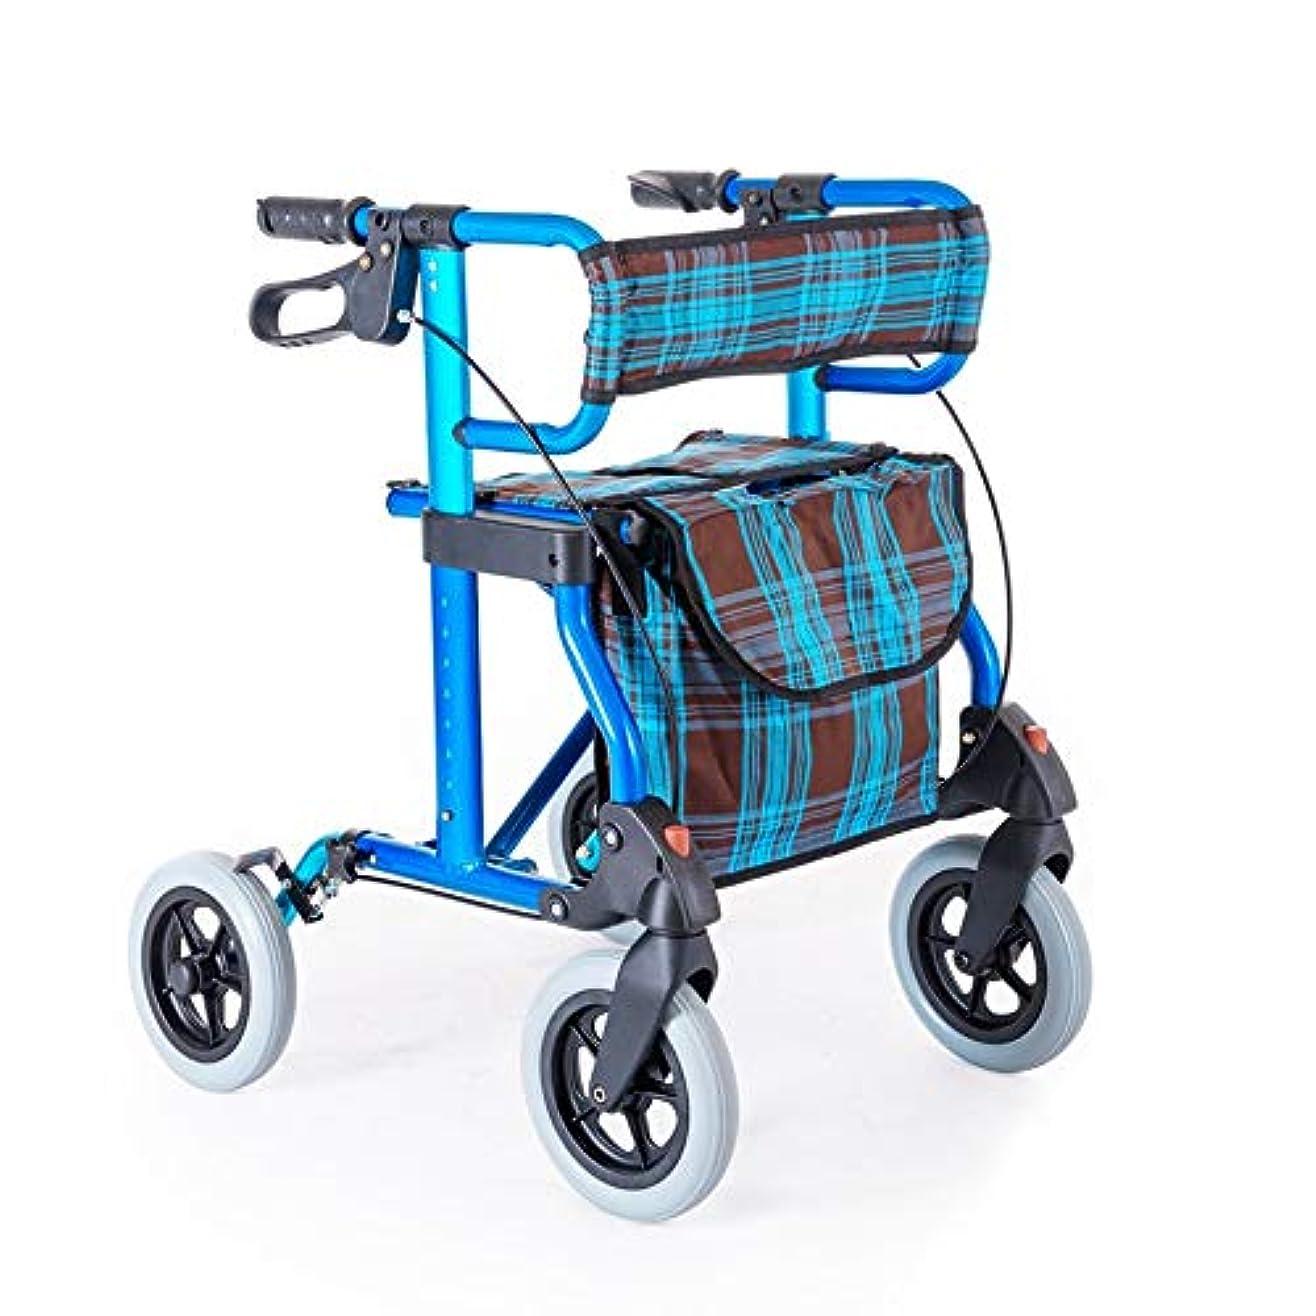 付属品民主主義細心のシートダブルセーフティブレーキ調整可能な高さ4ホイールローリング老人ショッピングカート付き軽量折りたたみ歩行器